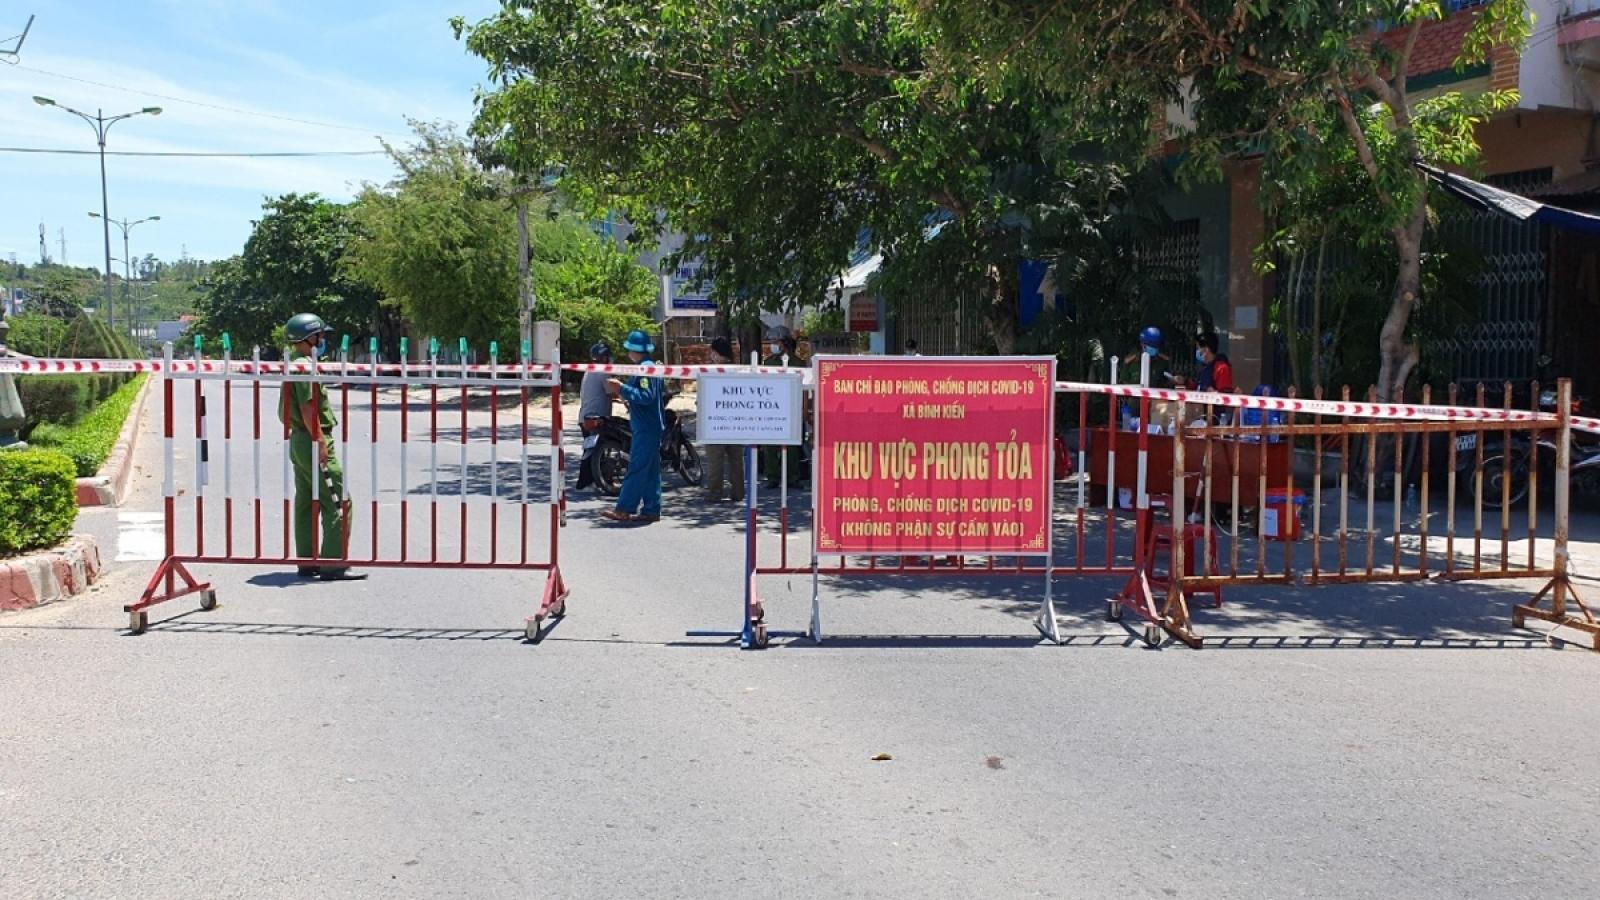 """Tỉnh ủy Phú Yên yêu cầu làm rõ việc cán bộ HĐND tỉnh """"đi xem đất"""" khi giãn cách xã hội"""